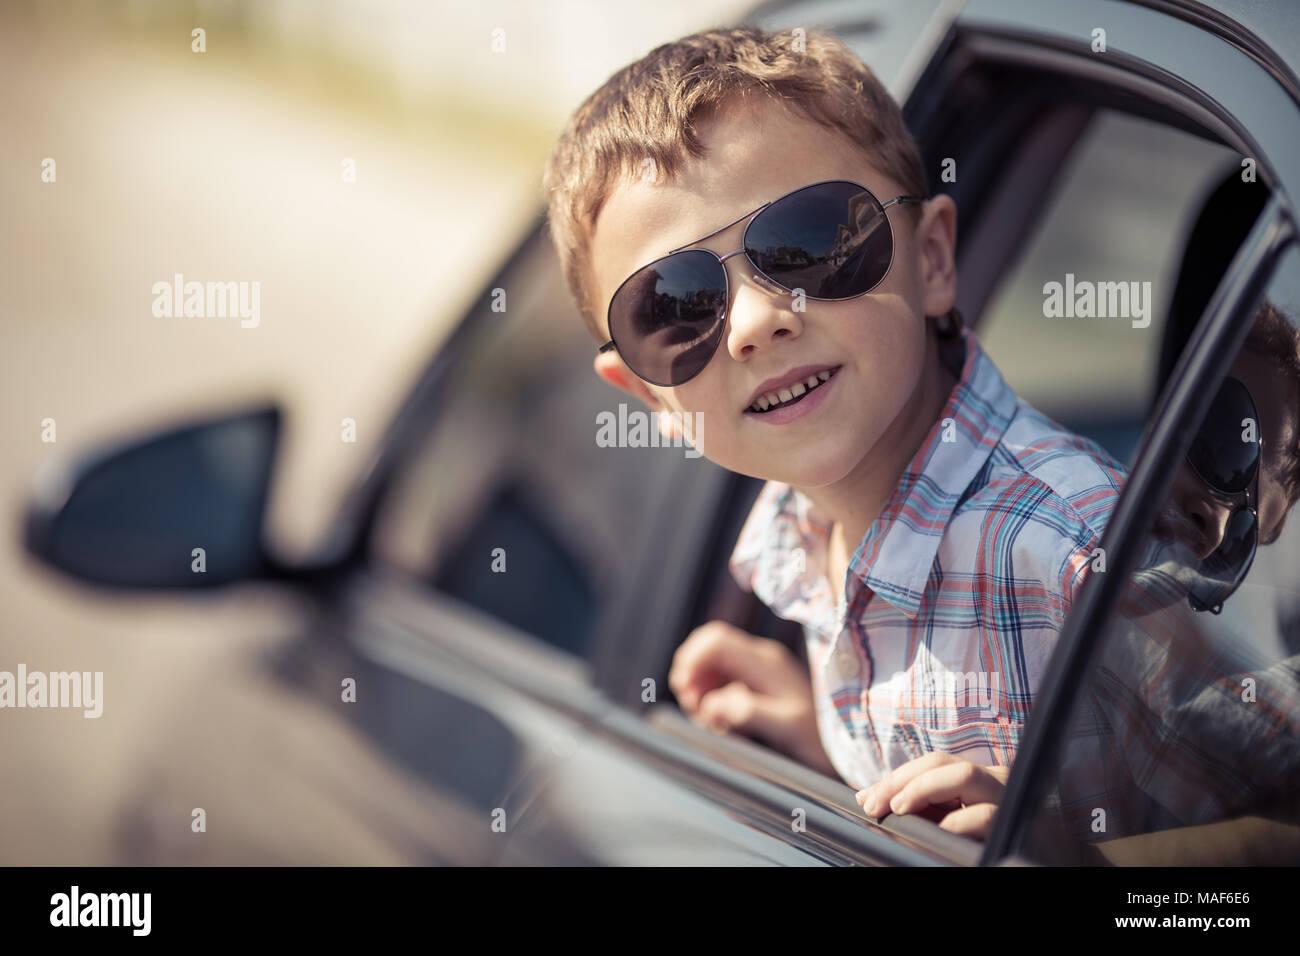 Un petit garçon heureux assis dans la voiture à la journée. Concept de vacances d'été. Banque D'Images